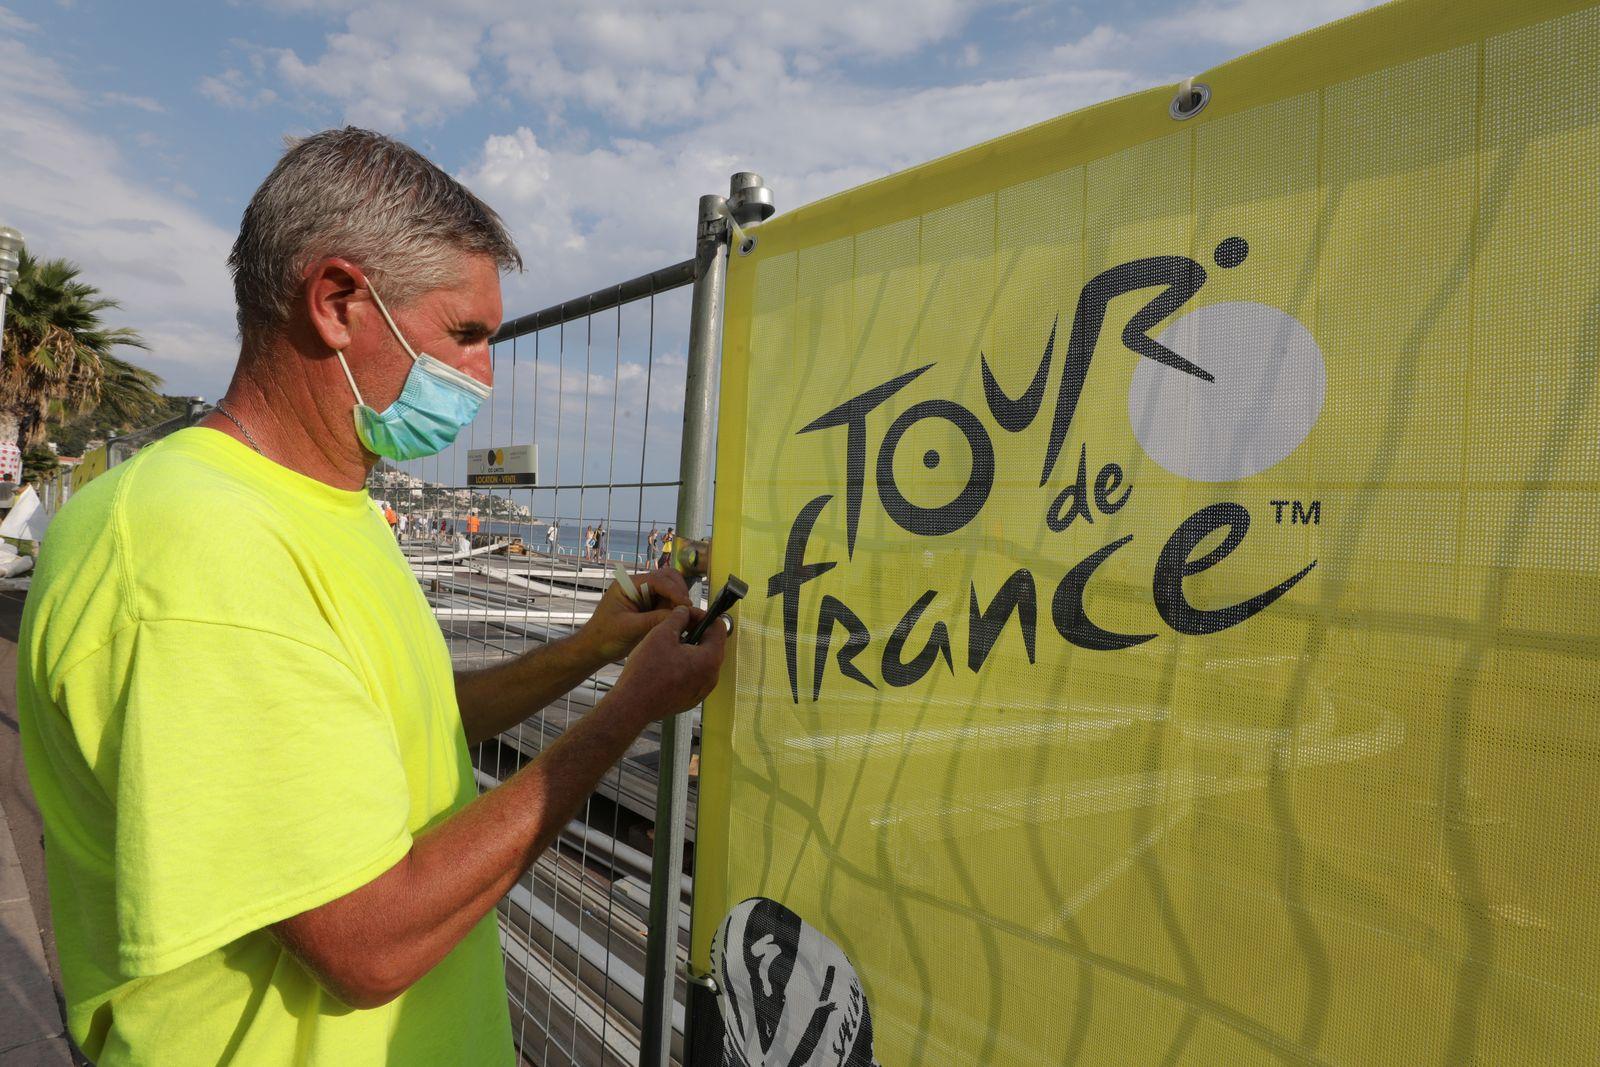 Preparations for the 2020 Tour de France